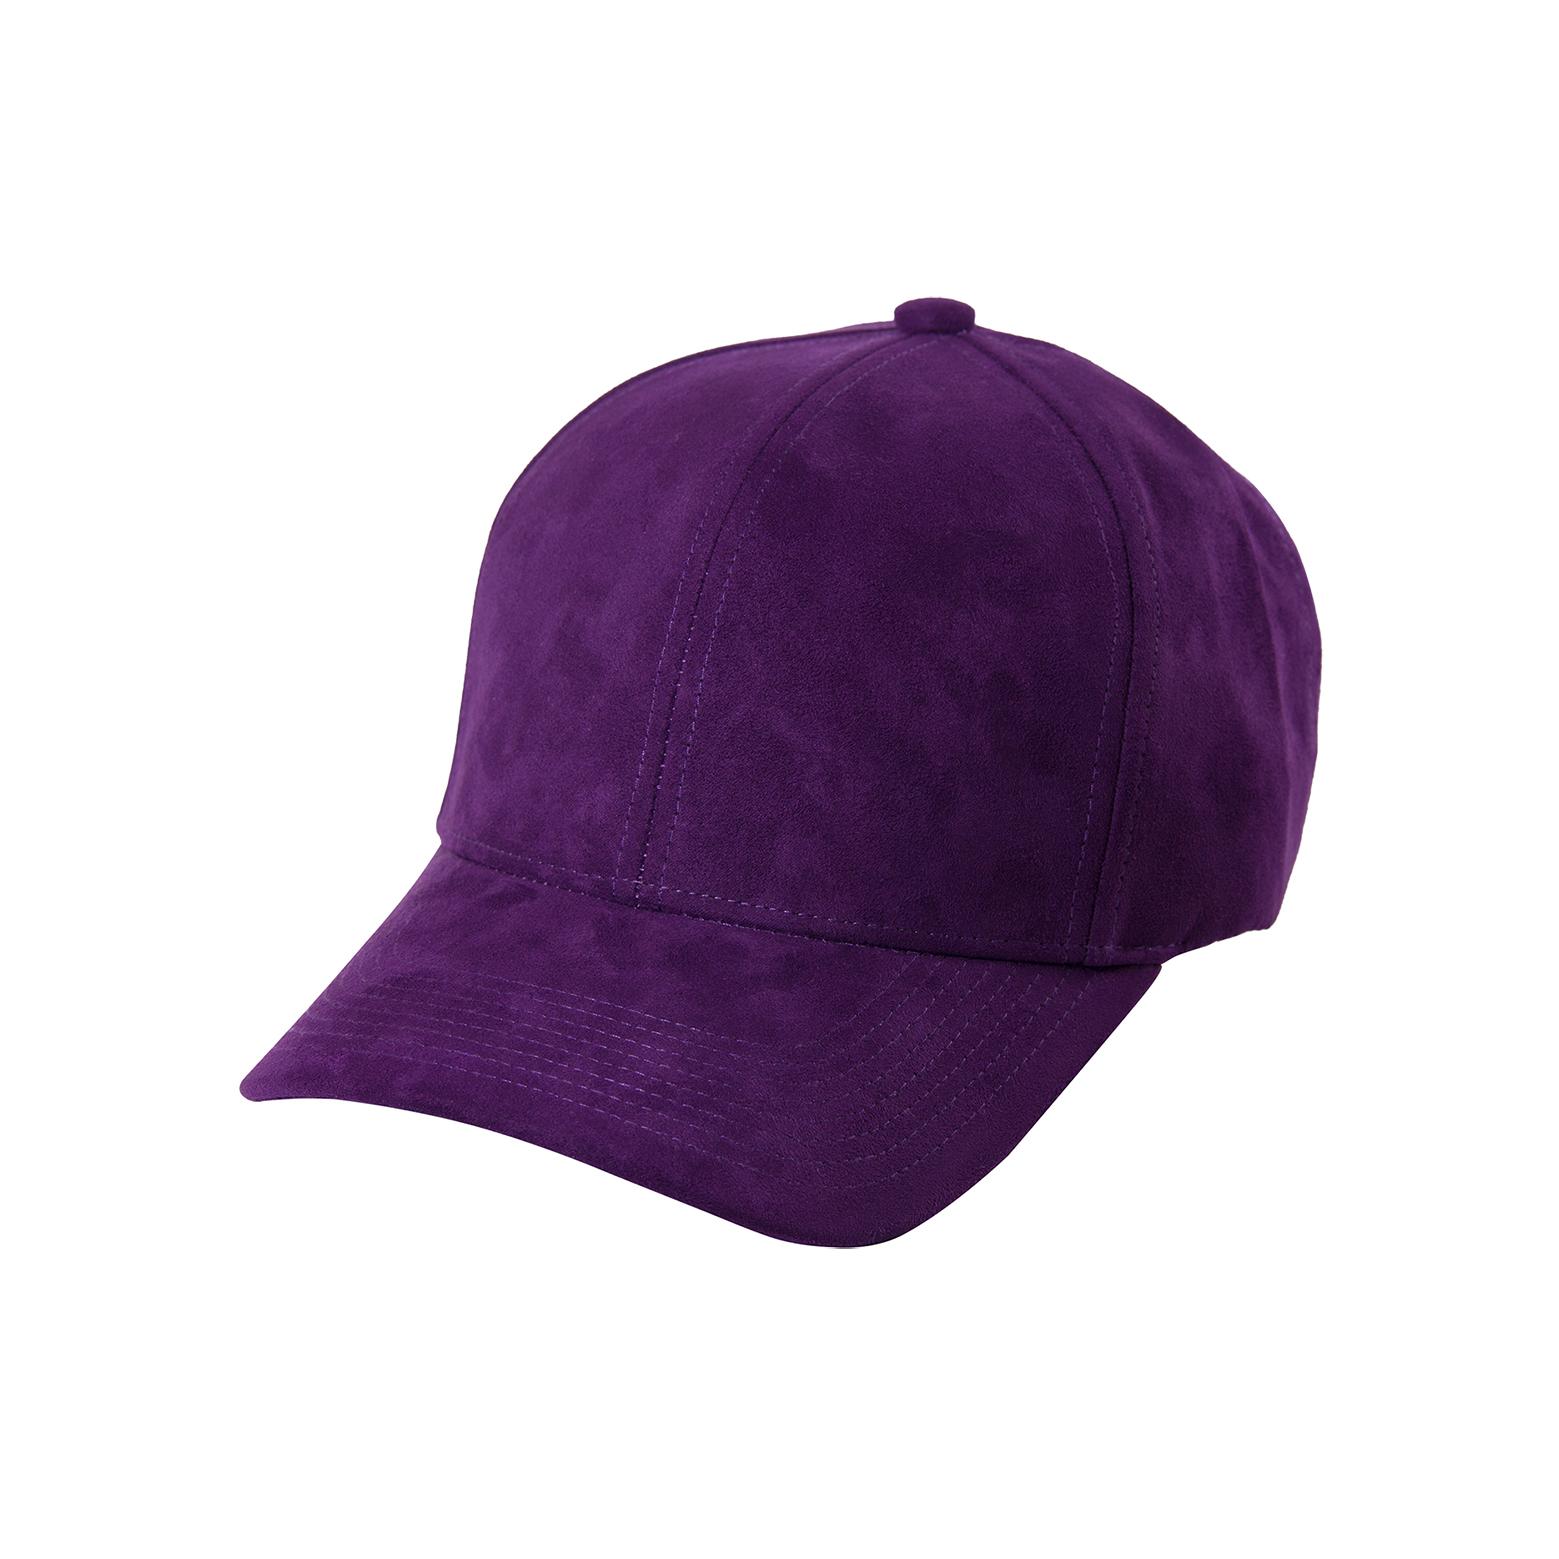 DSLINE BASEBALL CAP VIOLET SUEDE   GOLD - DSLINE BASICS d730587b7f9